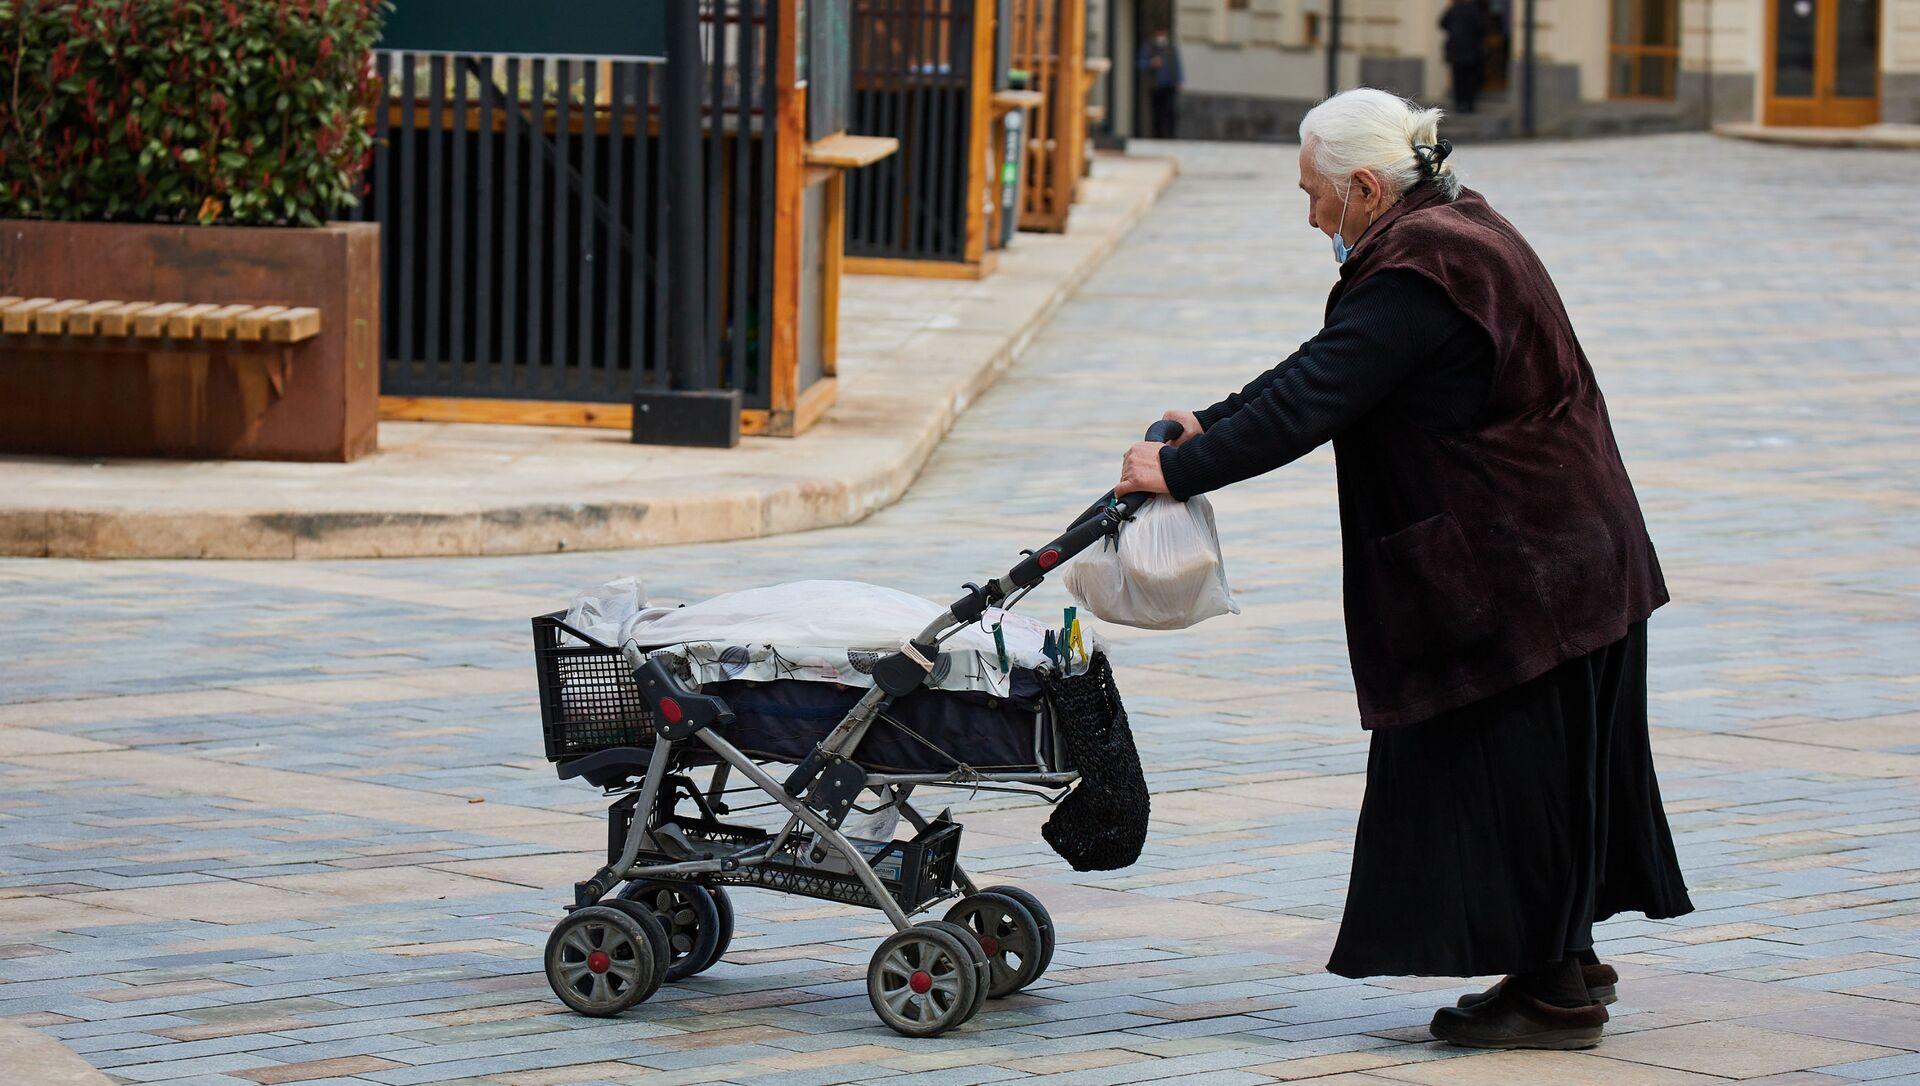 Эпидемия коронавируса - пожилая женщина в маске идет по улице - Sputnik Грузия, 1920, 02.04.2021